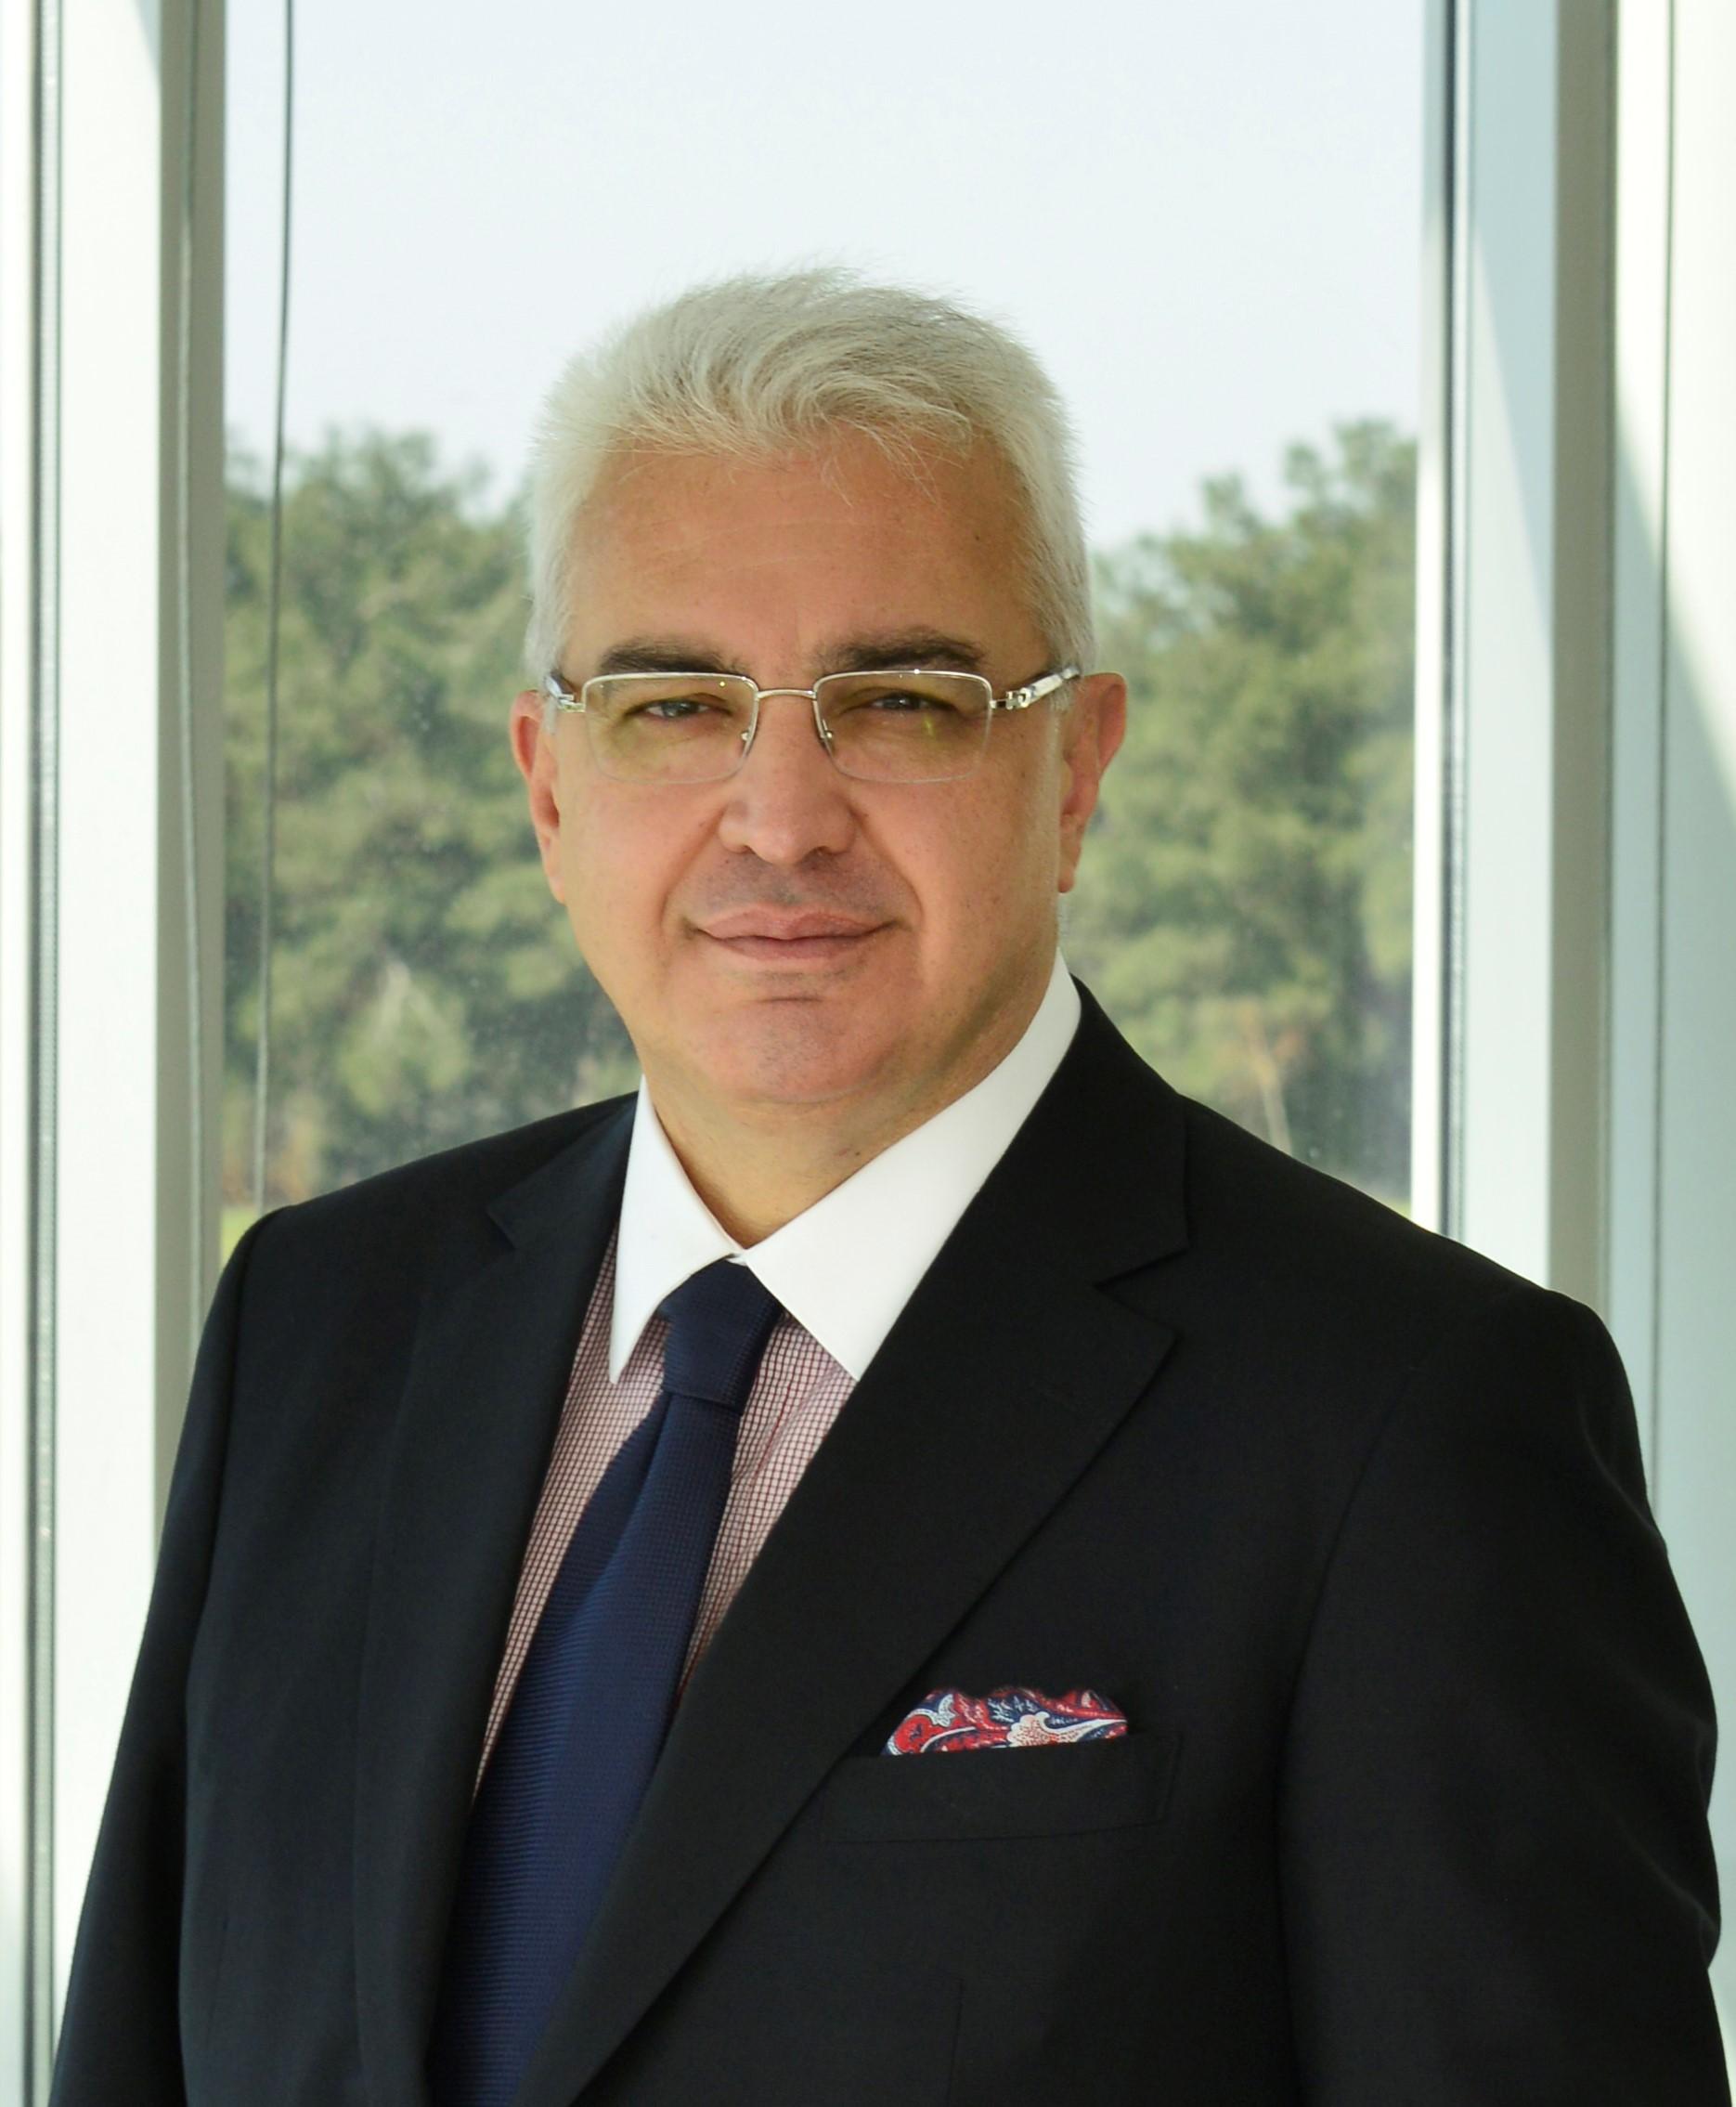 M. Sertac Cicek, M.D.